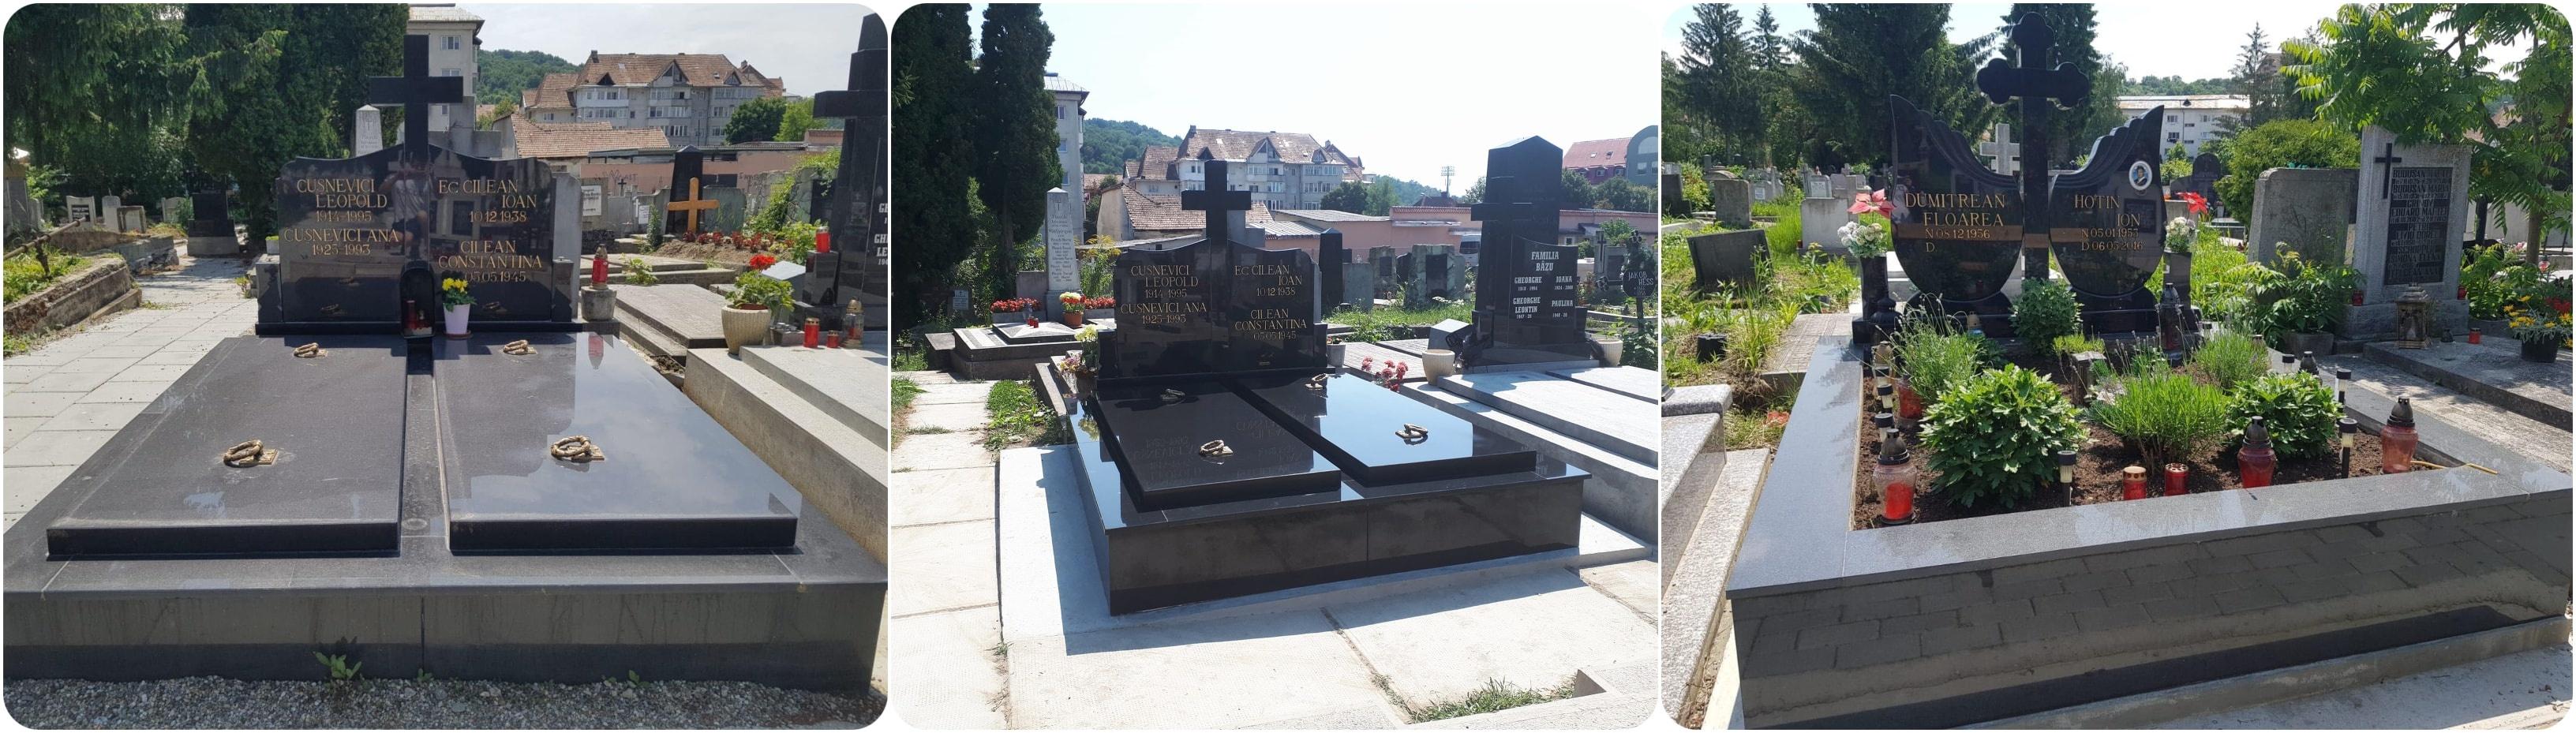 lucrari funerare monumente granit bistrita